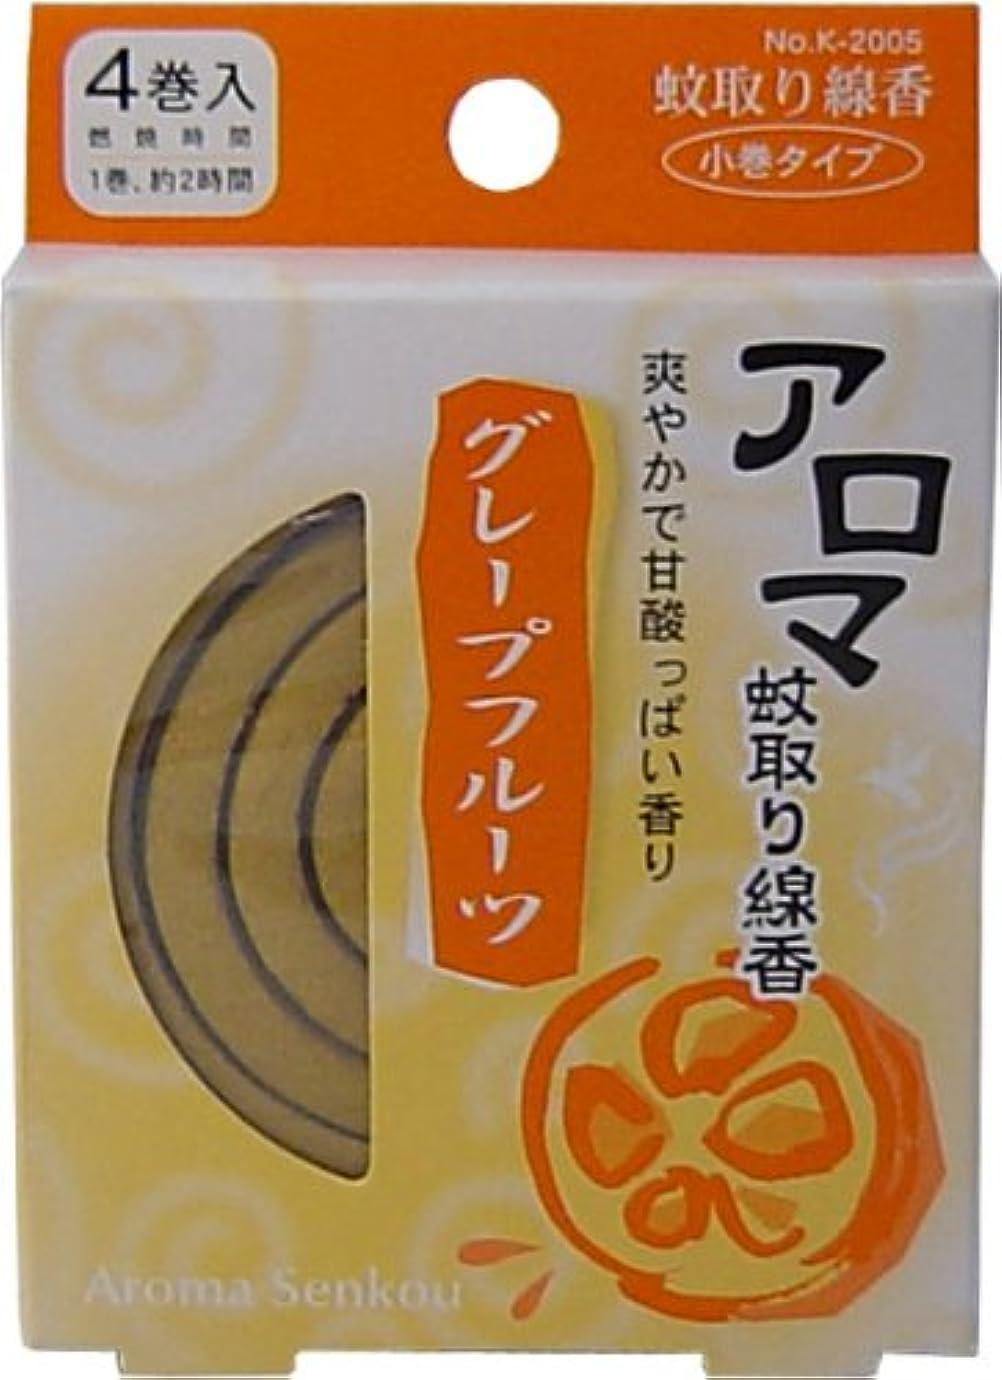 アロマ蚊取り線香 小巻タイプ 4巻入 グレープフルーツ